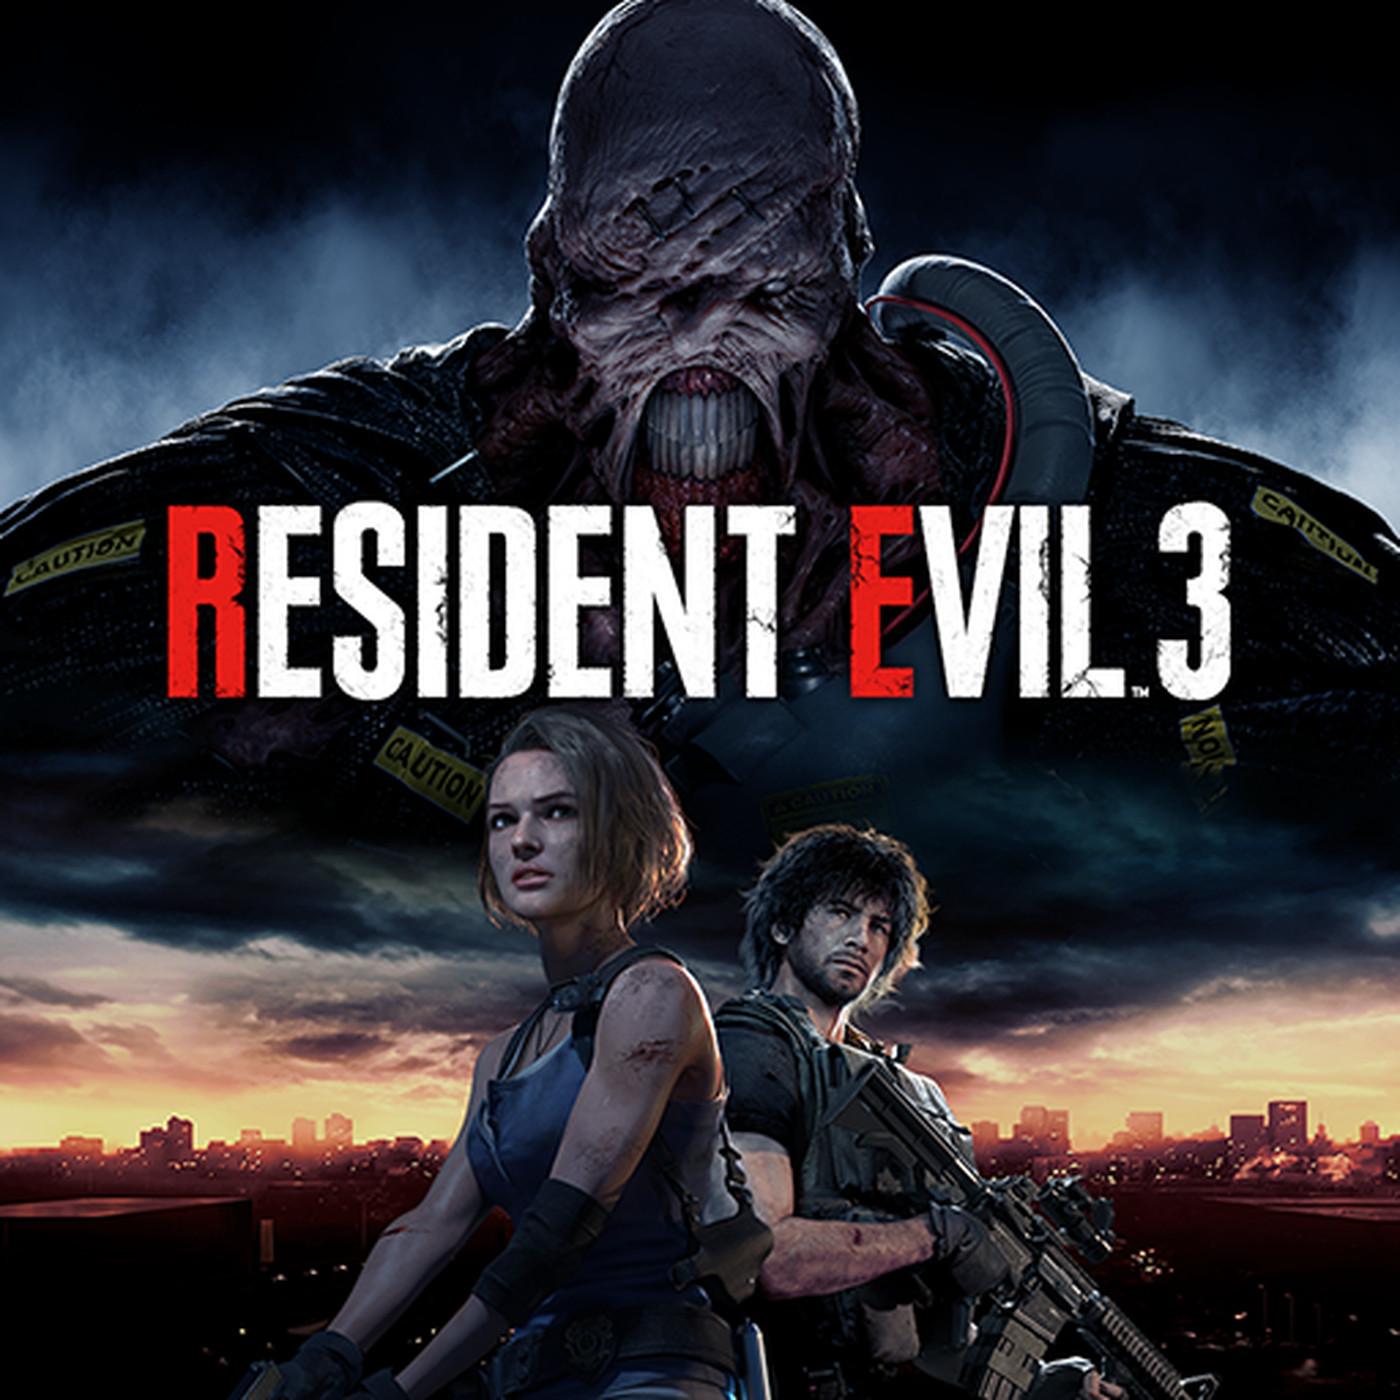 ภาพหลุด Resident Evil 3 Remake  ลือว่าจะเปิดตัวในงาน VGA 13 ธ.ค. นี้